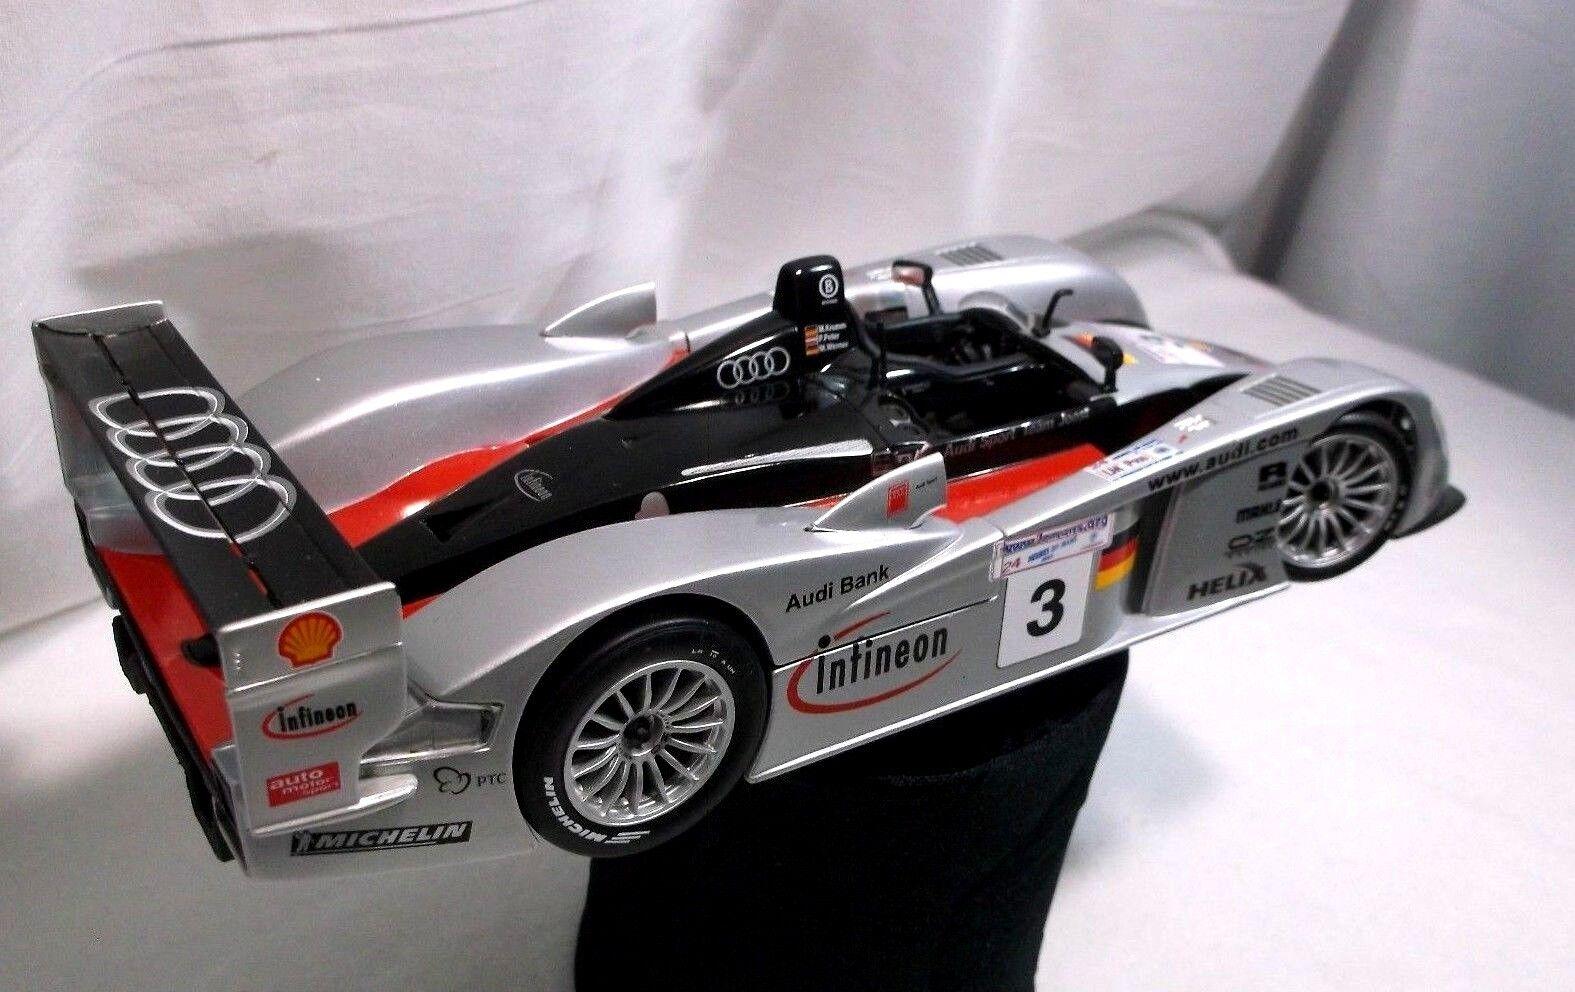 Maisto 1 18 Scale Infineon Audi R8 Le Mans 2002